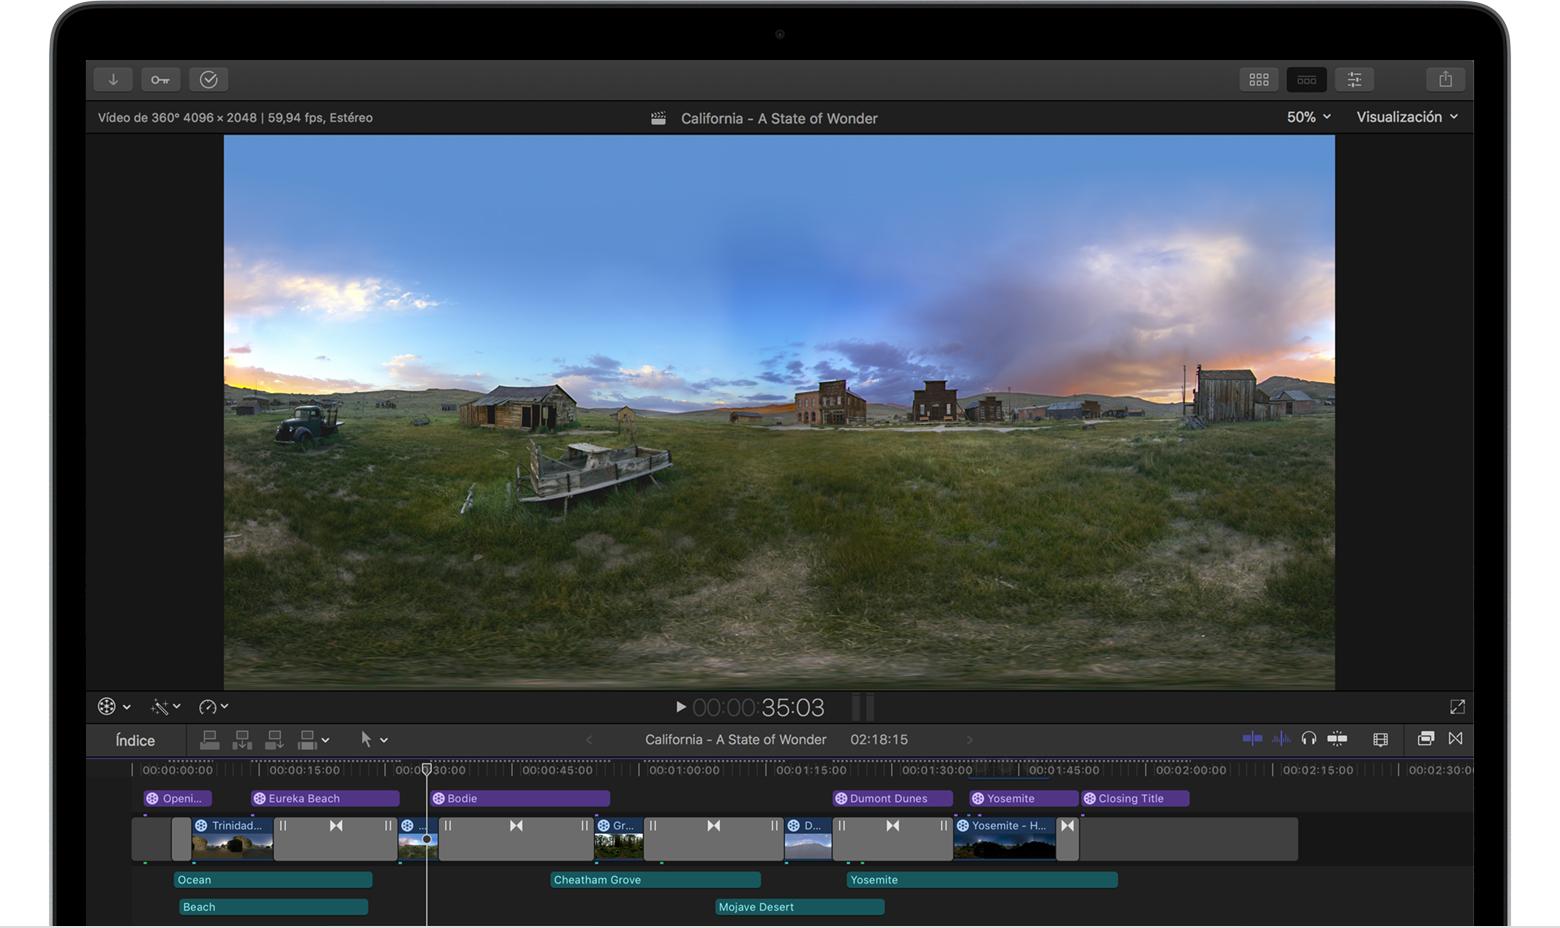 Editar vídeos de 360° en Final Cut Pro X 10.4 - Soporte técnico de Apple